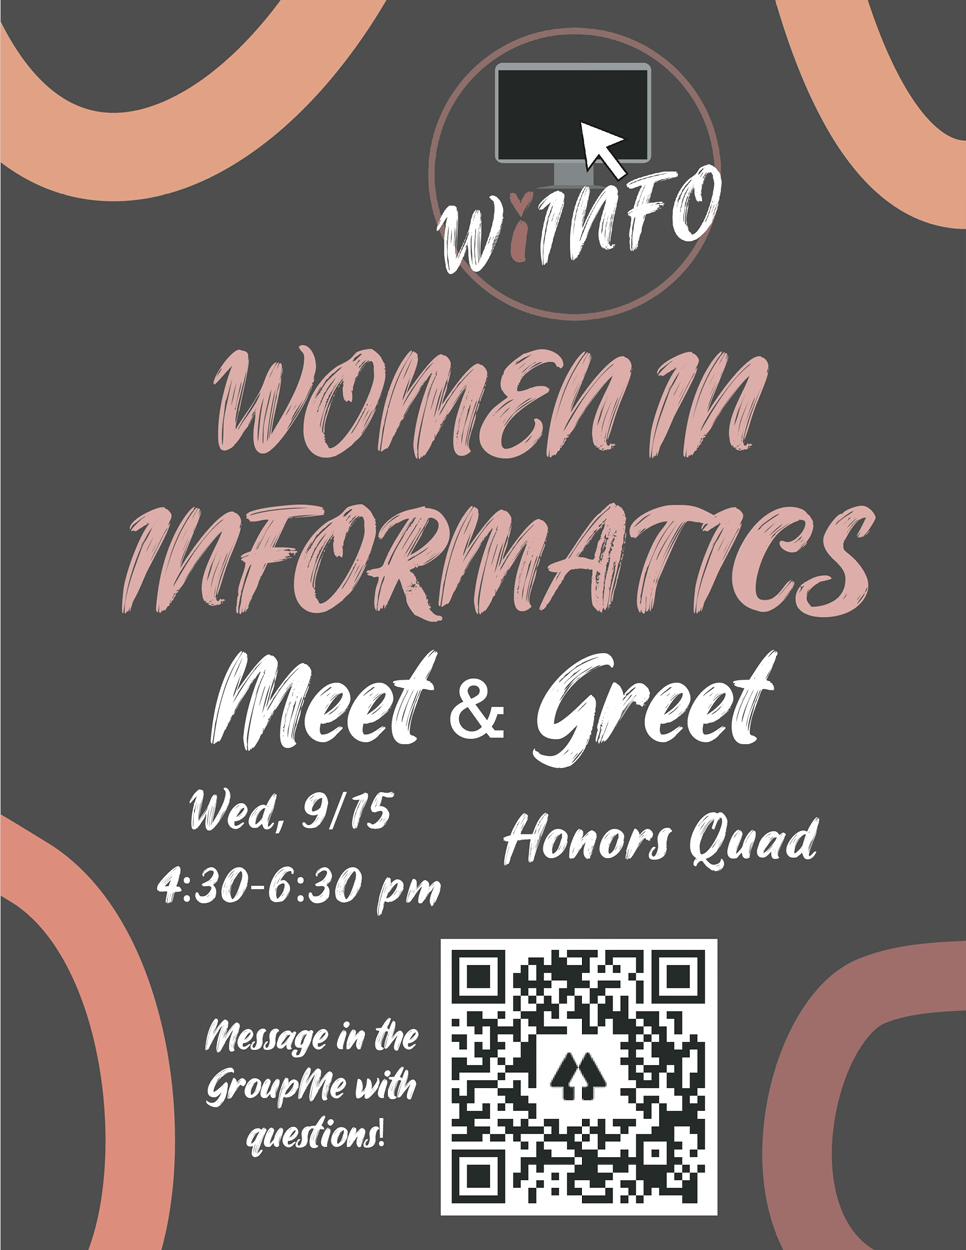 Women in Informatics Meet & Greet